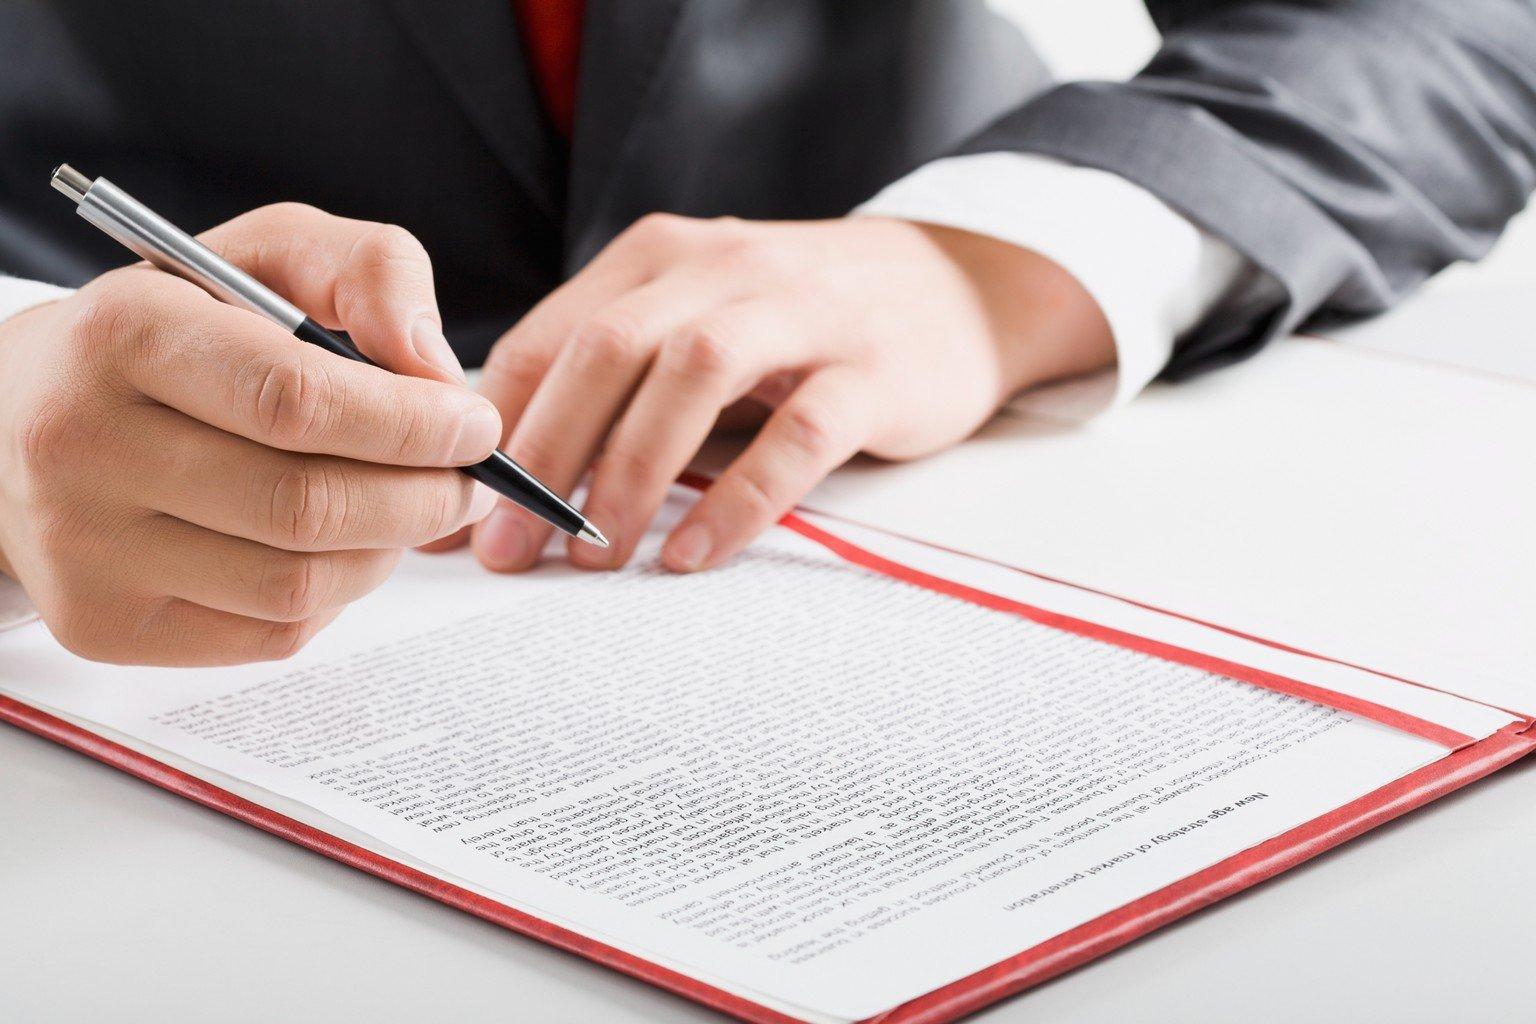 Реєстрація права на зазначення походження товару